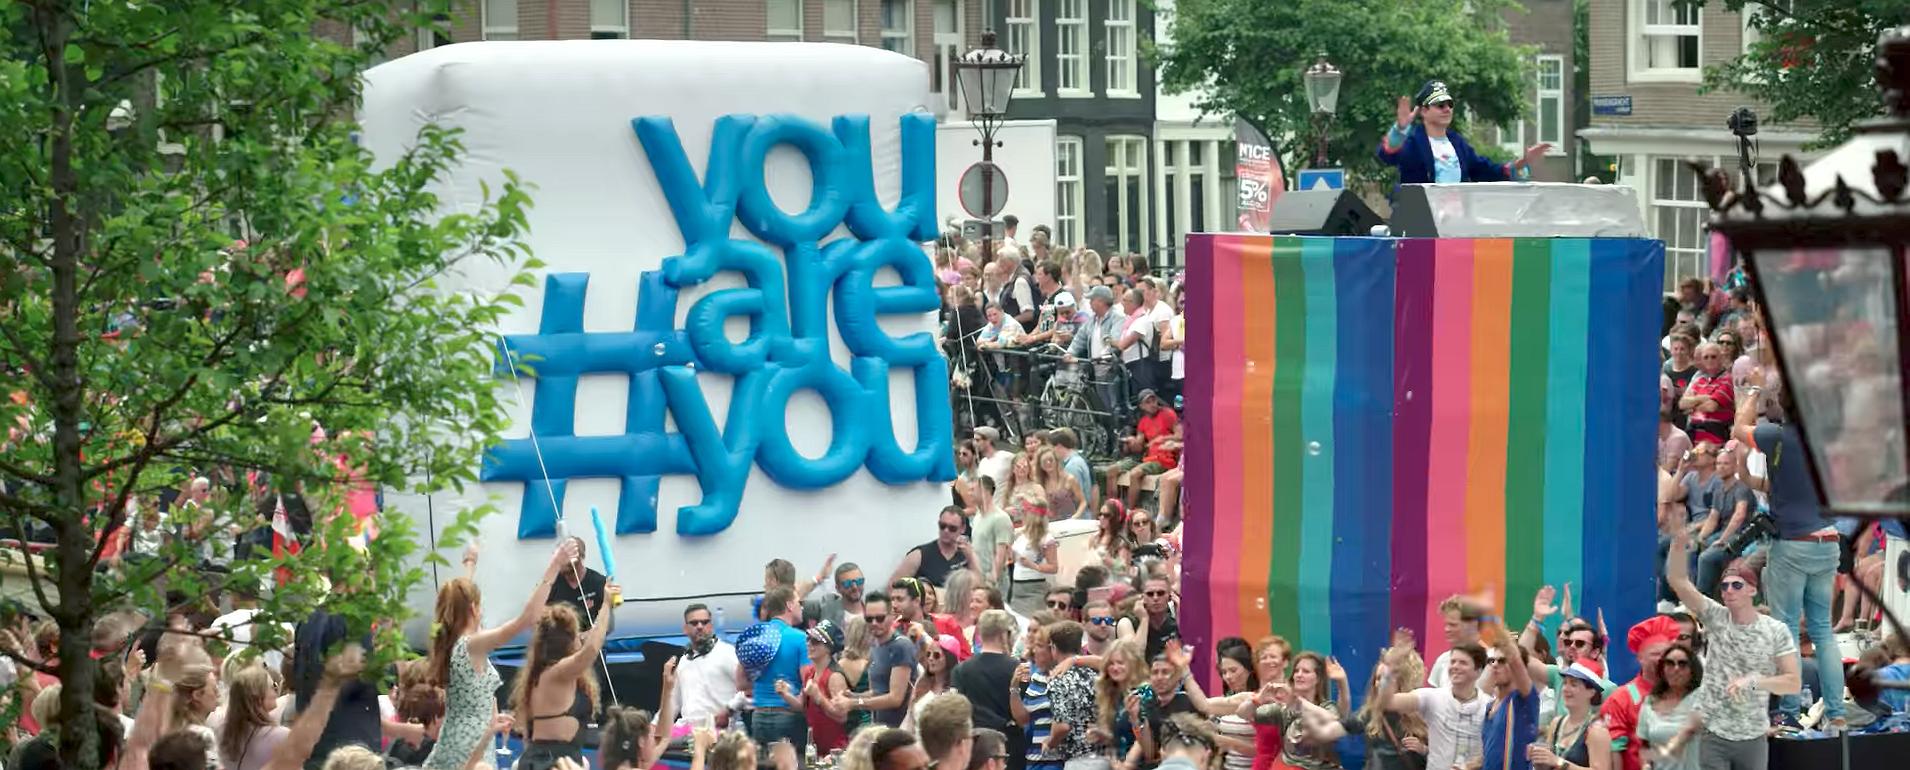 Life is better when #youareyou | Waarom Philips meevoer tijdens Pride